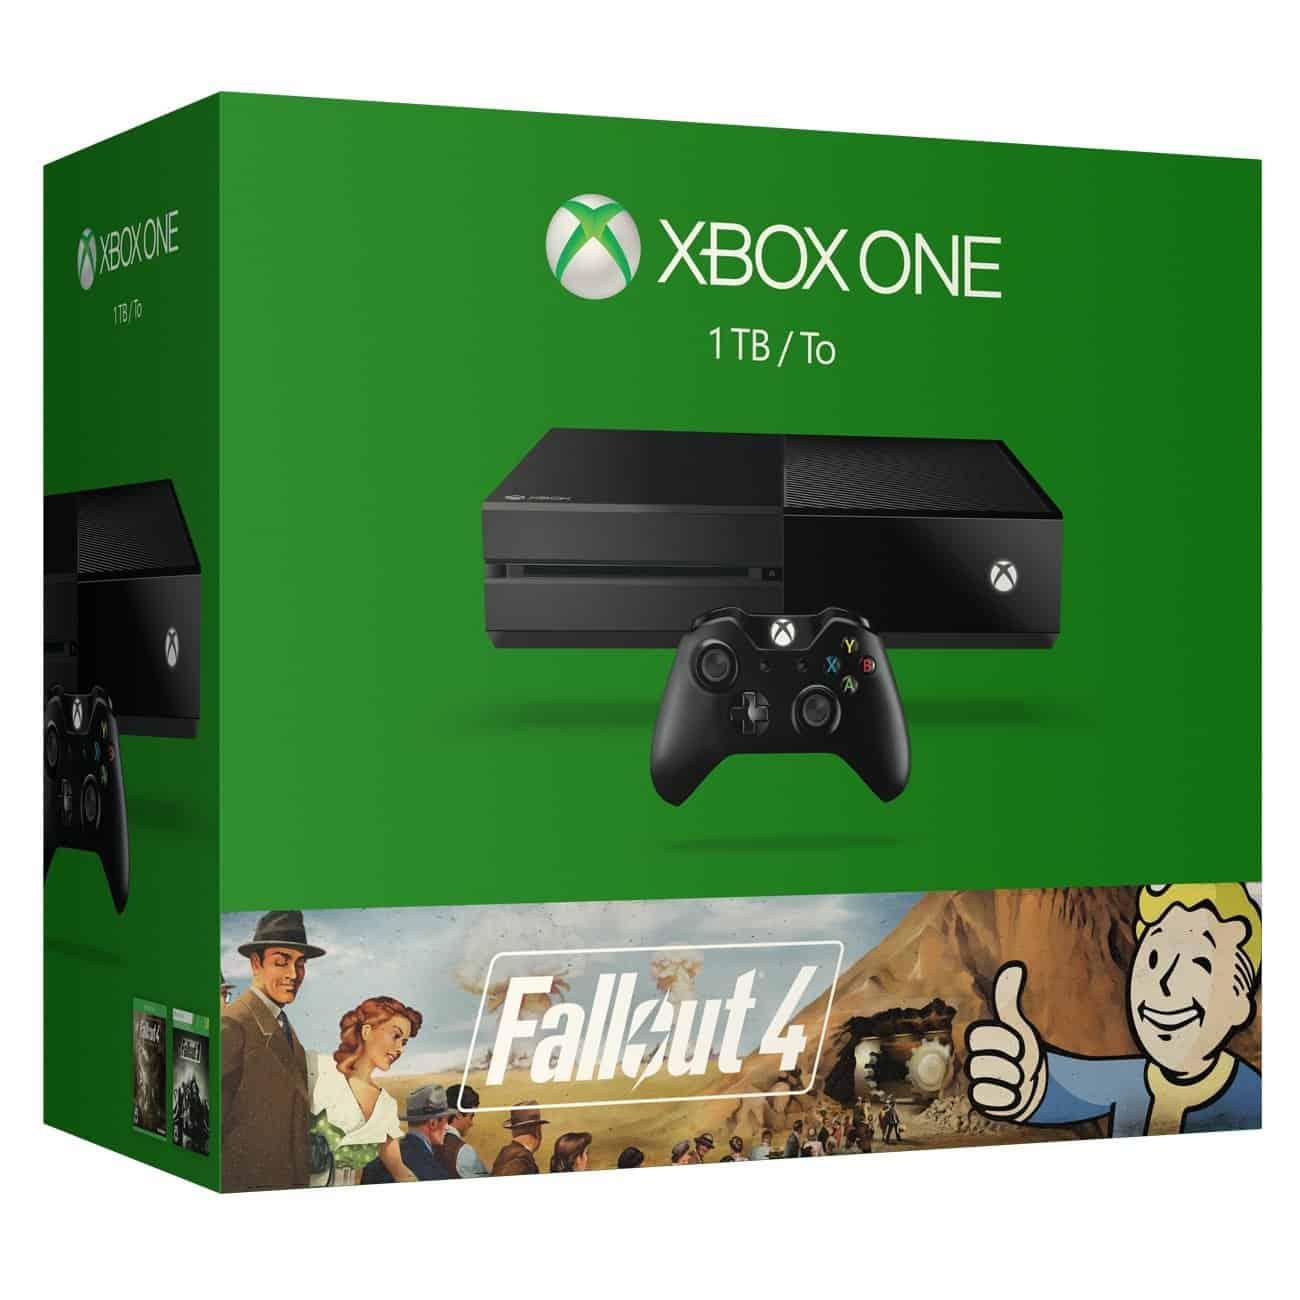 Xbox One 1TB Fallout 4 bundle